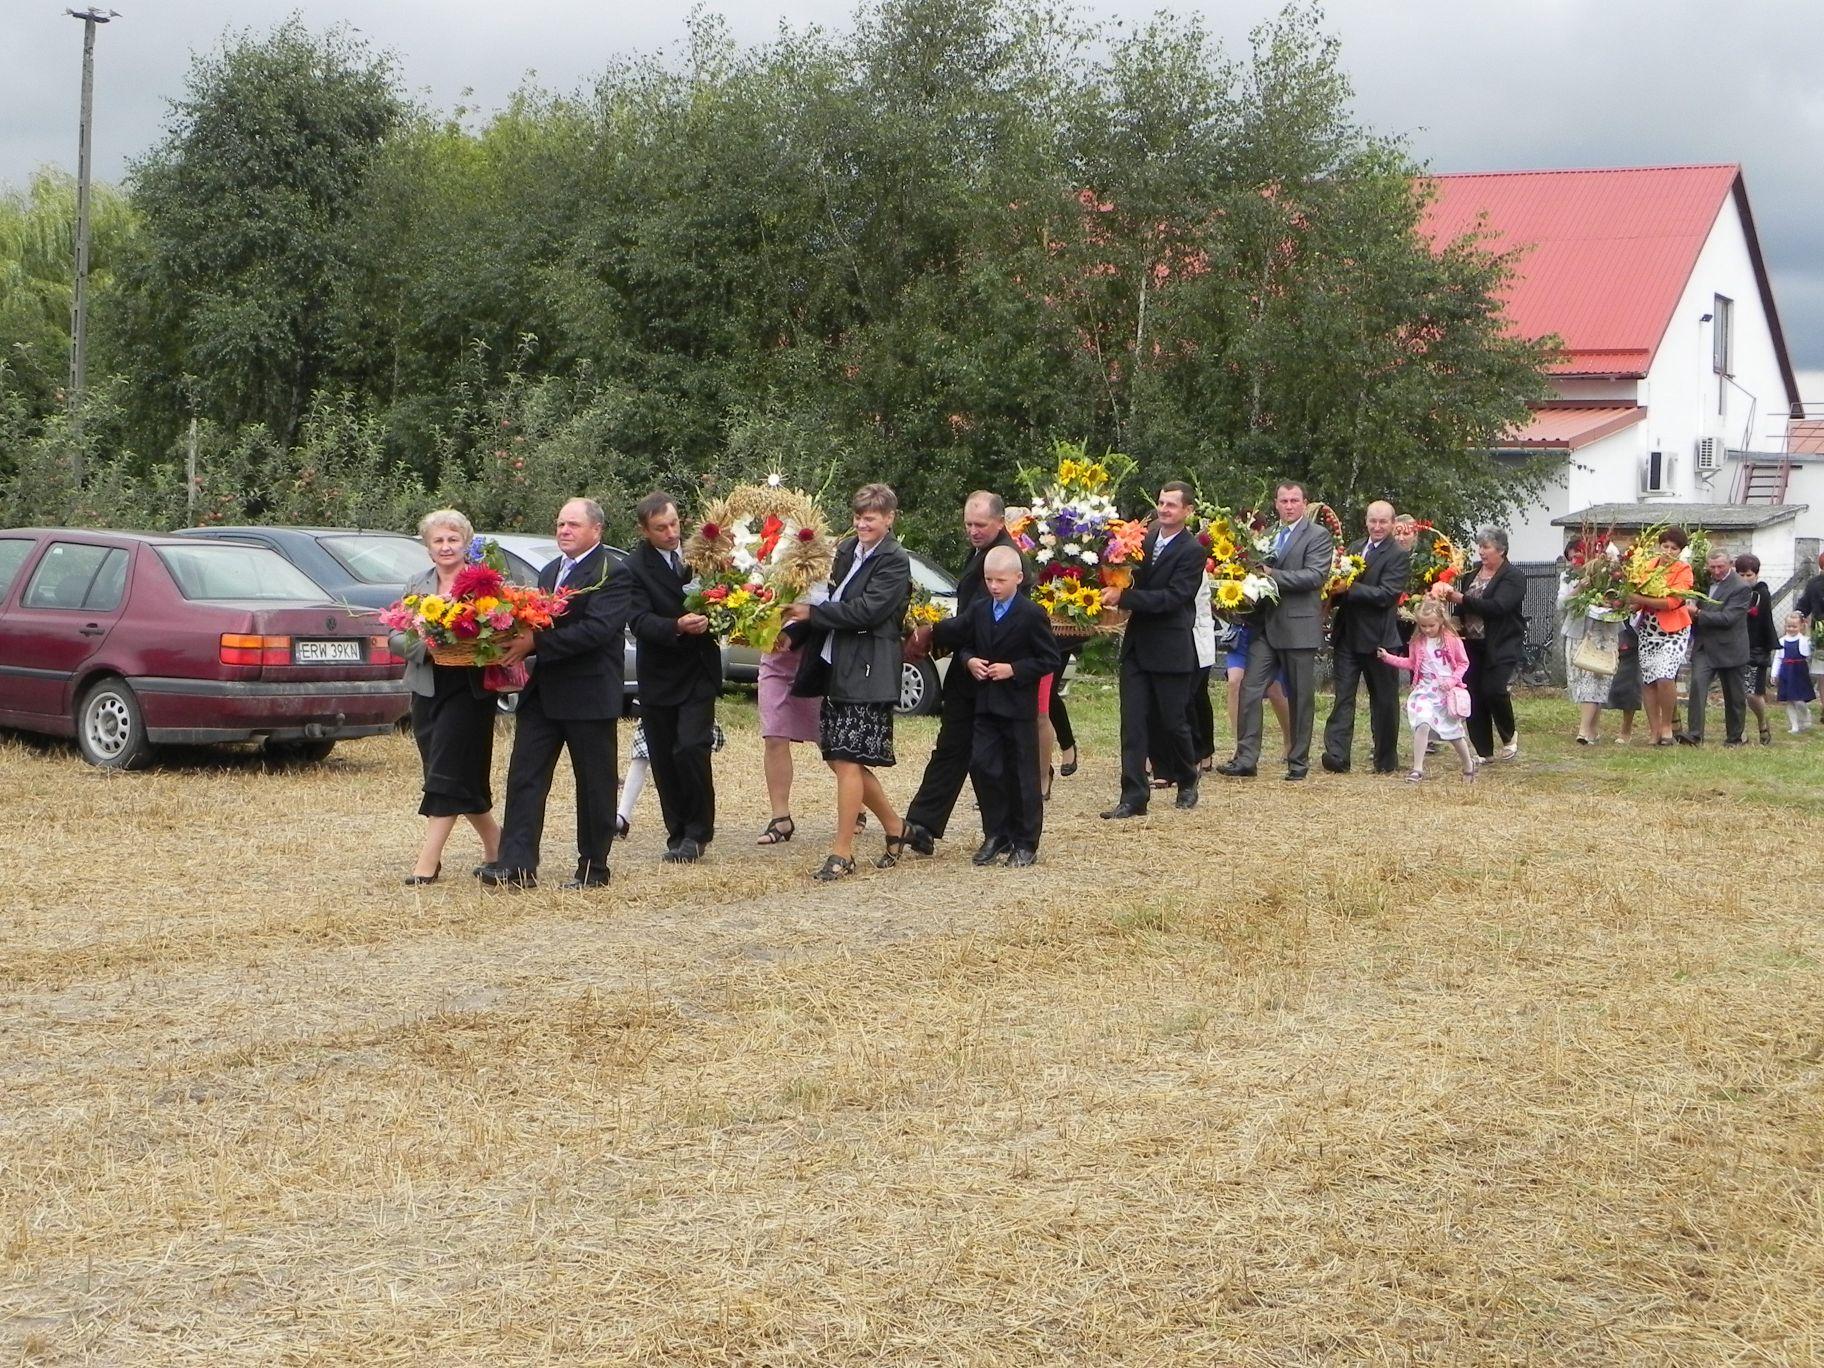 2012-08-16 Sadkowice - dożynki (32)